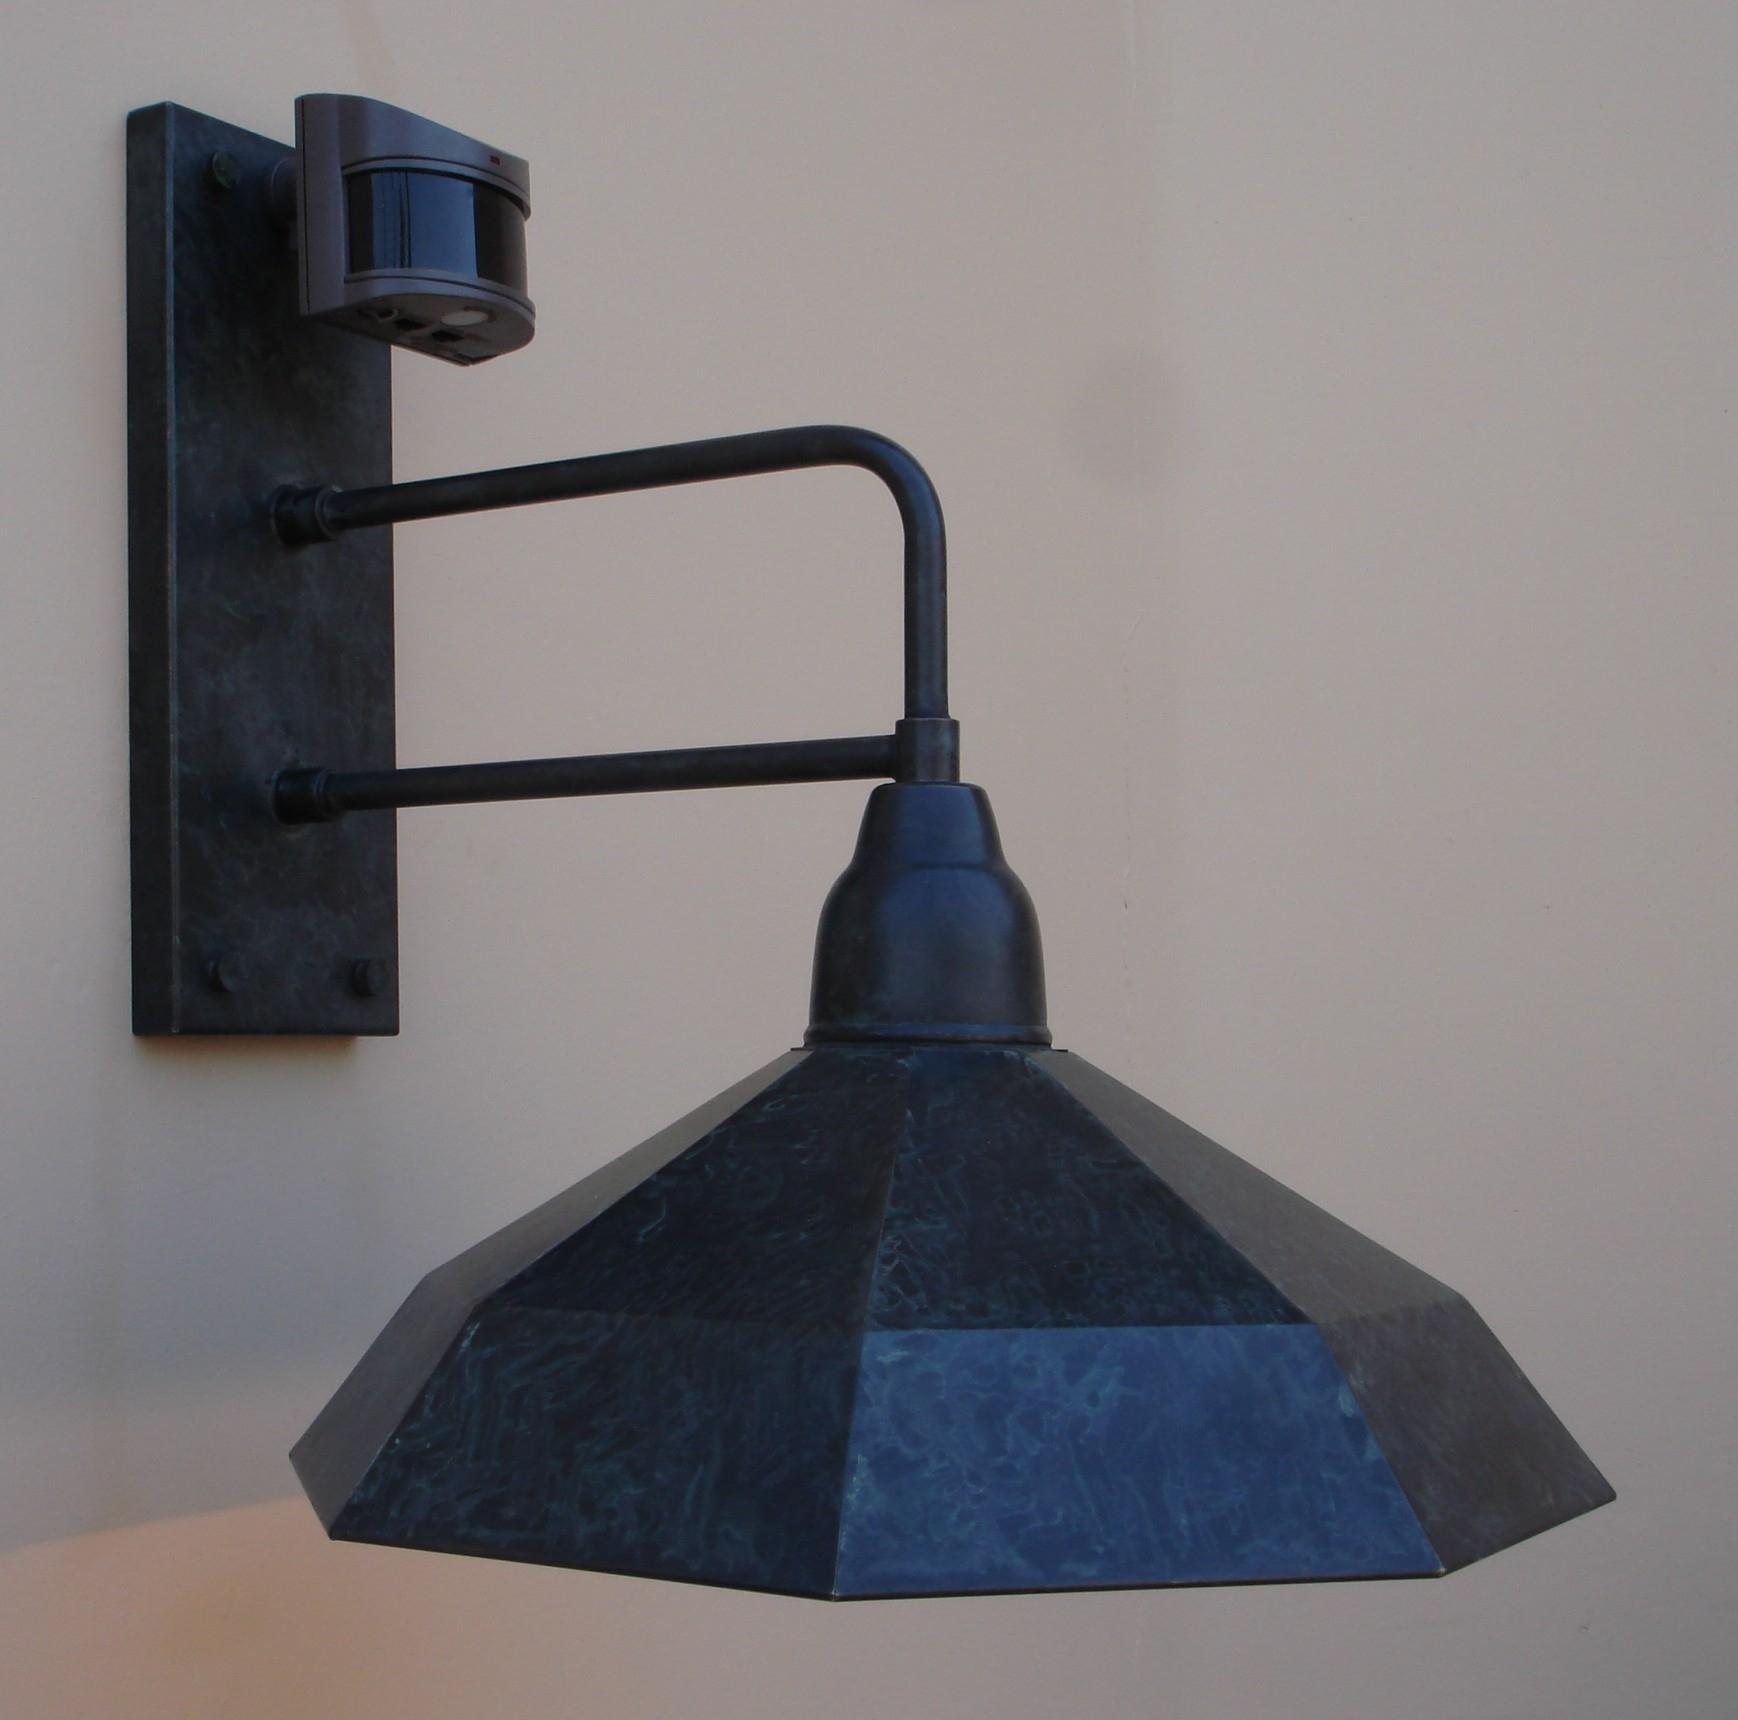 Outdoor Exterior Lighting - Customlightstyles in Outdoor Exterior Lanterns (Image 15 of 20)